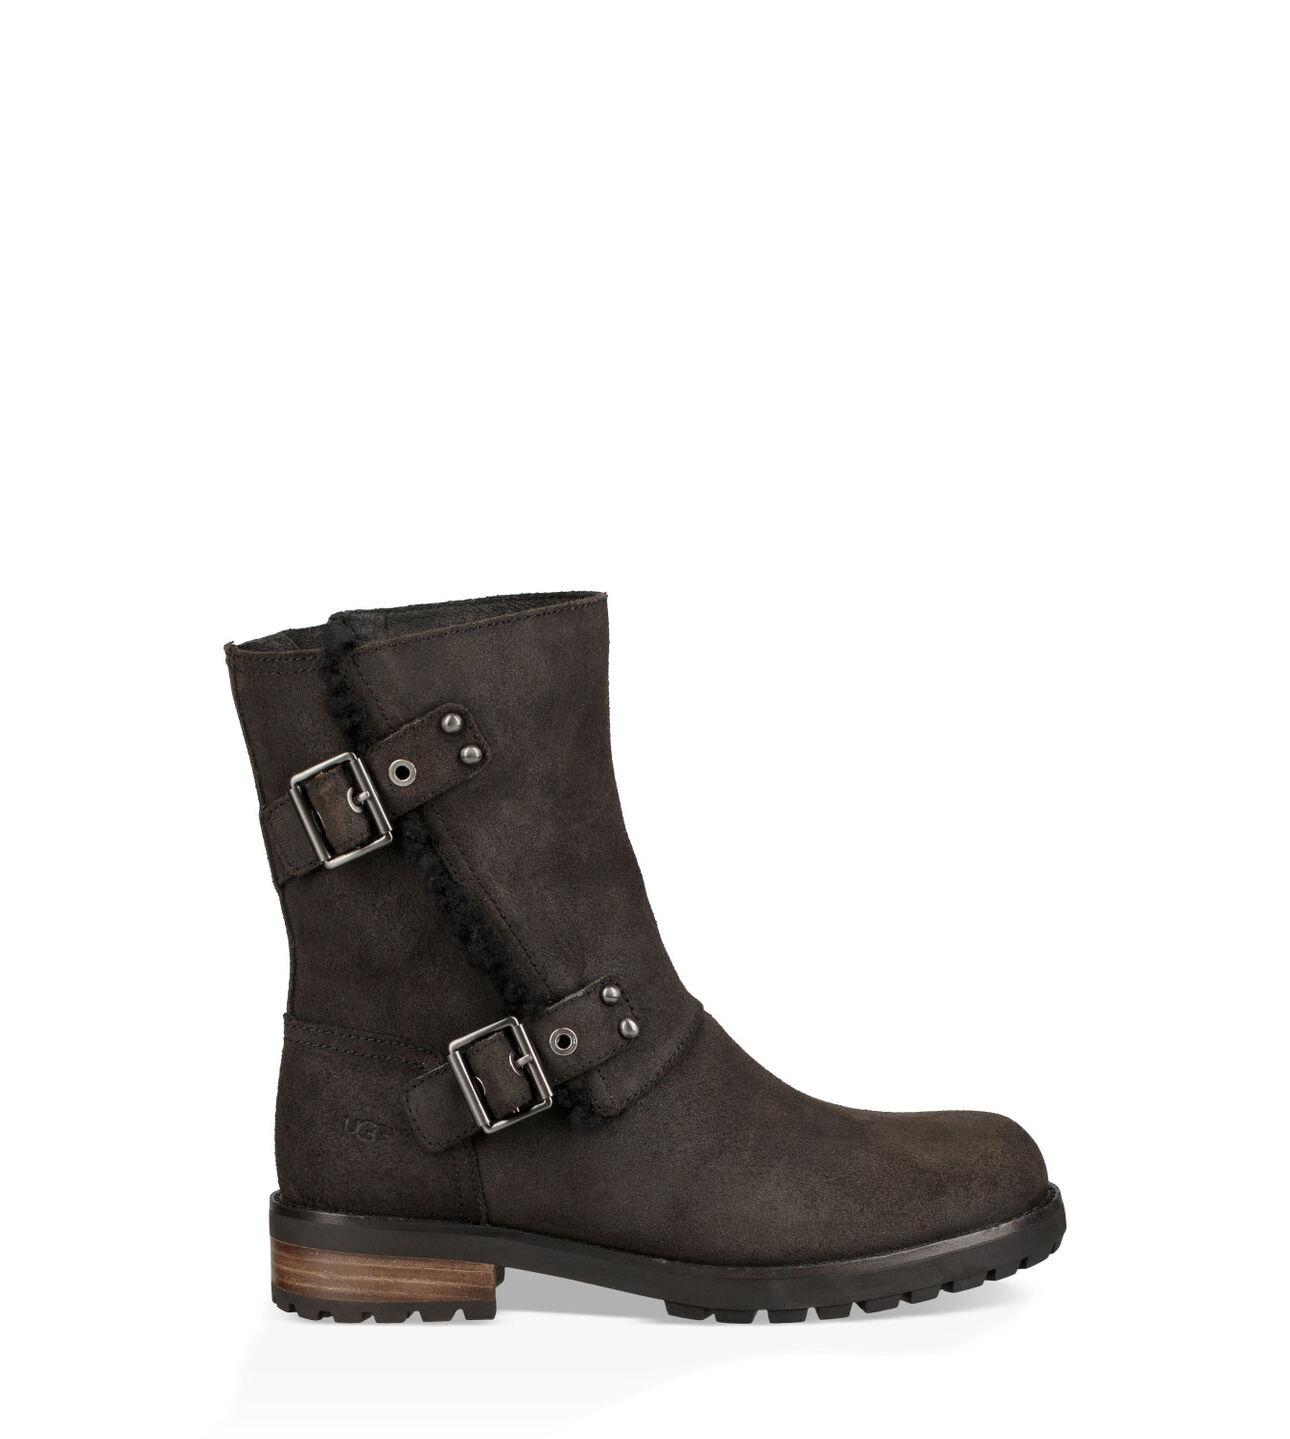 1a642ff8179 Niels II Boot